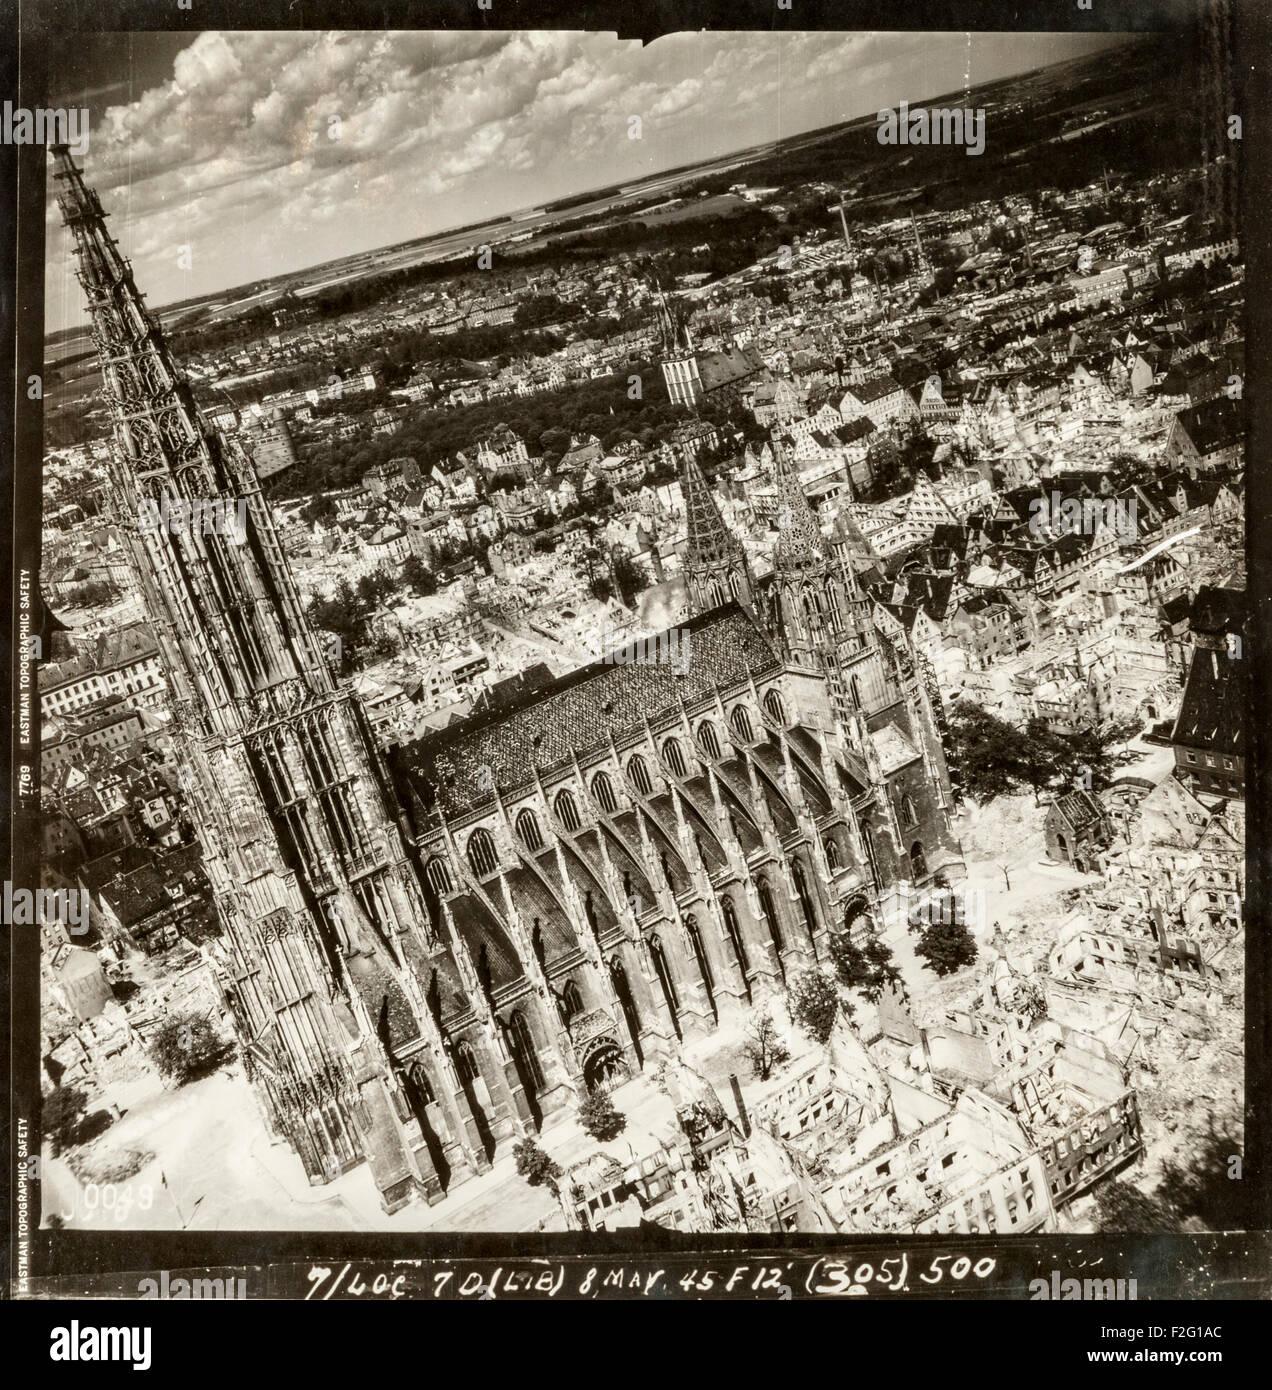 Photographie aérienne de la ville allemande d'Ulm prises après le raid aérien dévastateur de décembre 1944, montrant les énormes destructions causées par les bombardements alliés tout en laissant l'église, Ulm, en grande partie intacte. La plupart de la ville médiévale du centre a été détruit par les bombardements. L'église, également connu sous le nom de cathédrale d'Ulm, Ulm ou Münster Ulmer Münster a le plus haut clocher d'une église dans le monde (161.5m). L'église a été construite entre 1400 et 1540 environ, bien que les clochers ont été terminées qu'en 1890. Banque D'Images